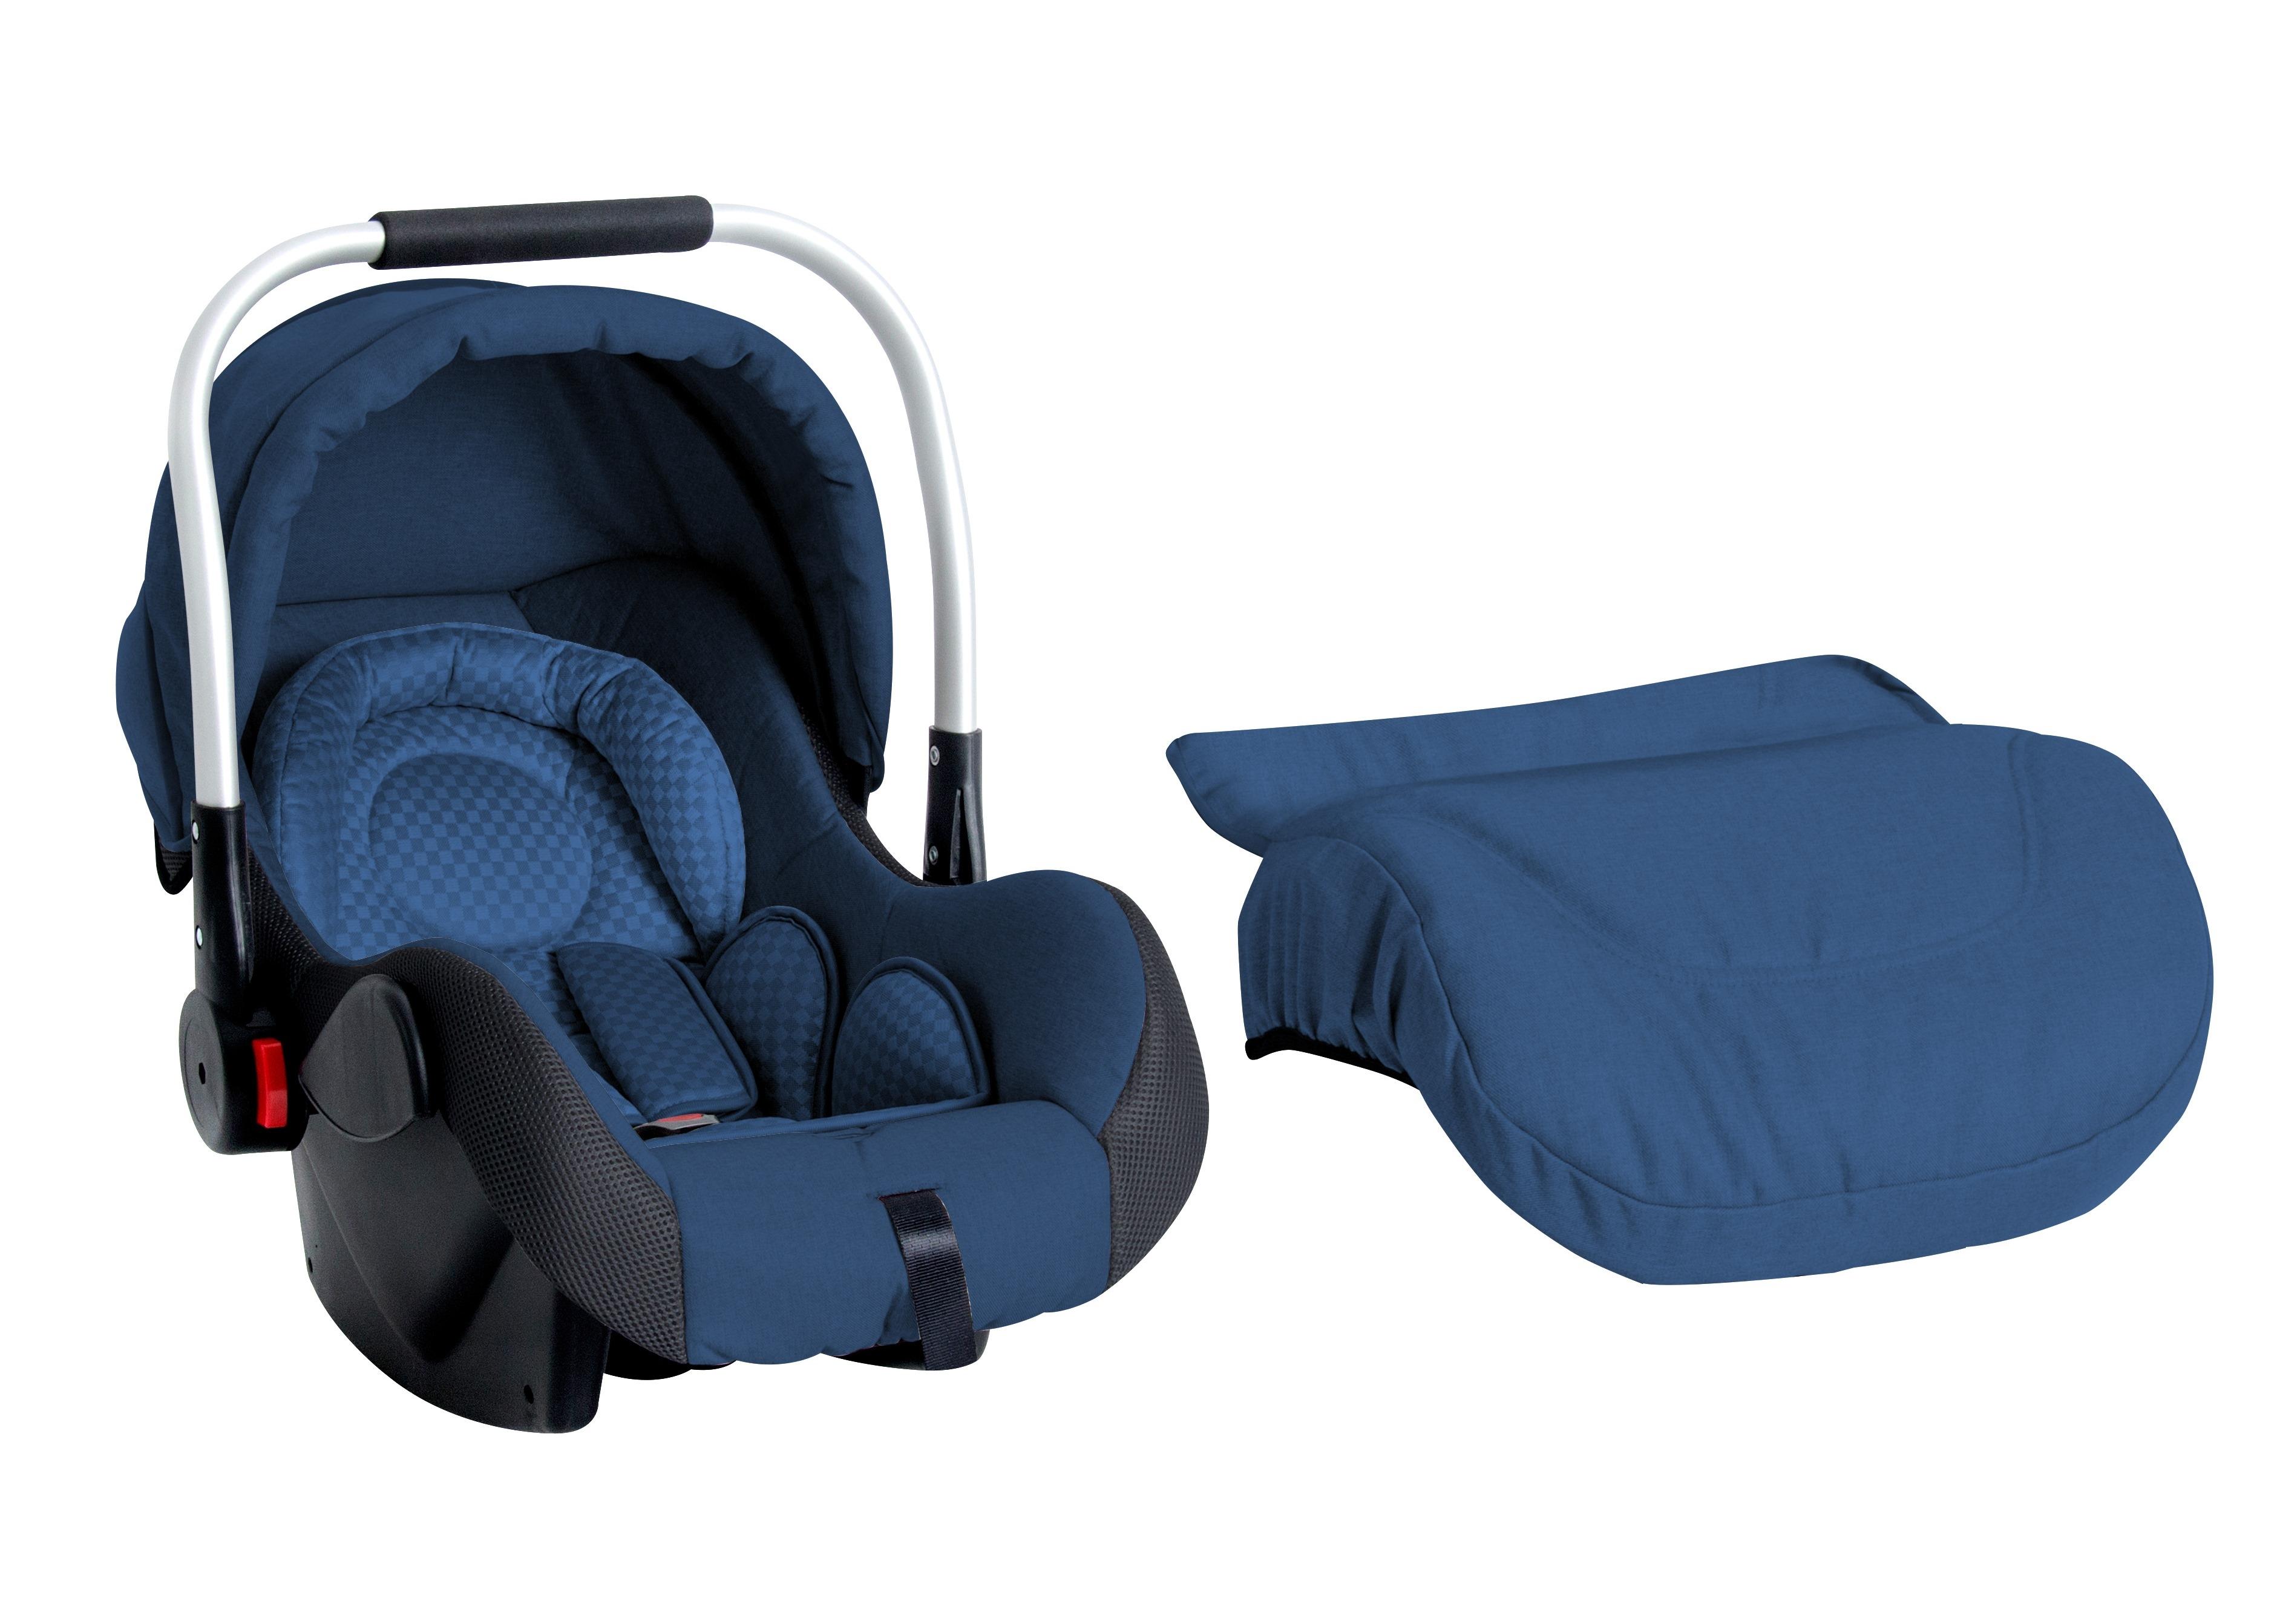 Автокресло 0-13 кг Lorelli HB801 Delta синий автокресло для новорожденных 0